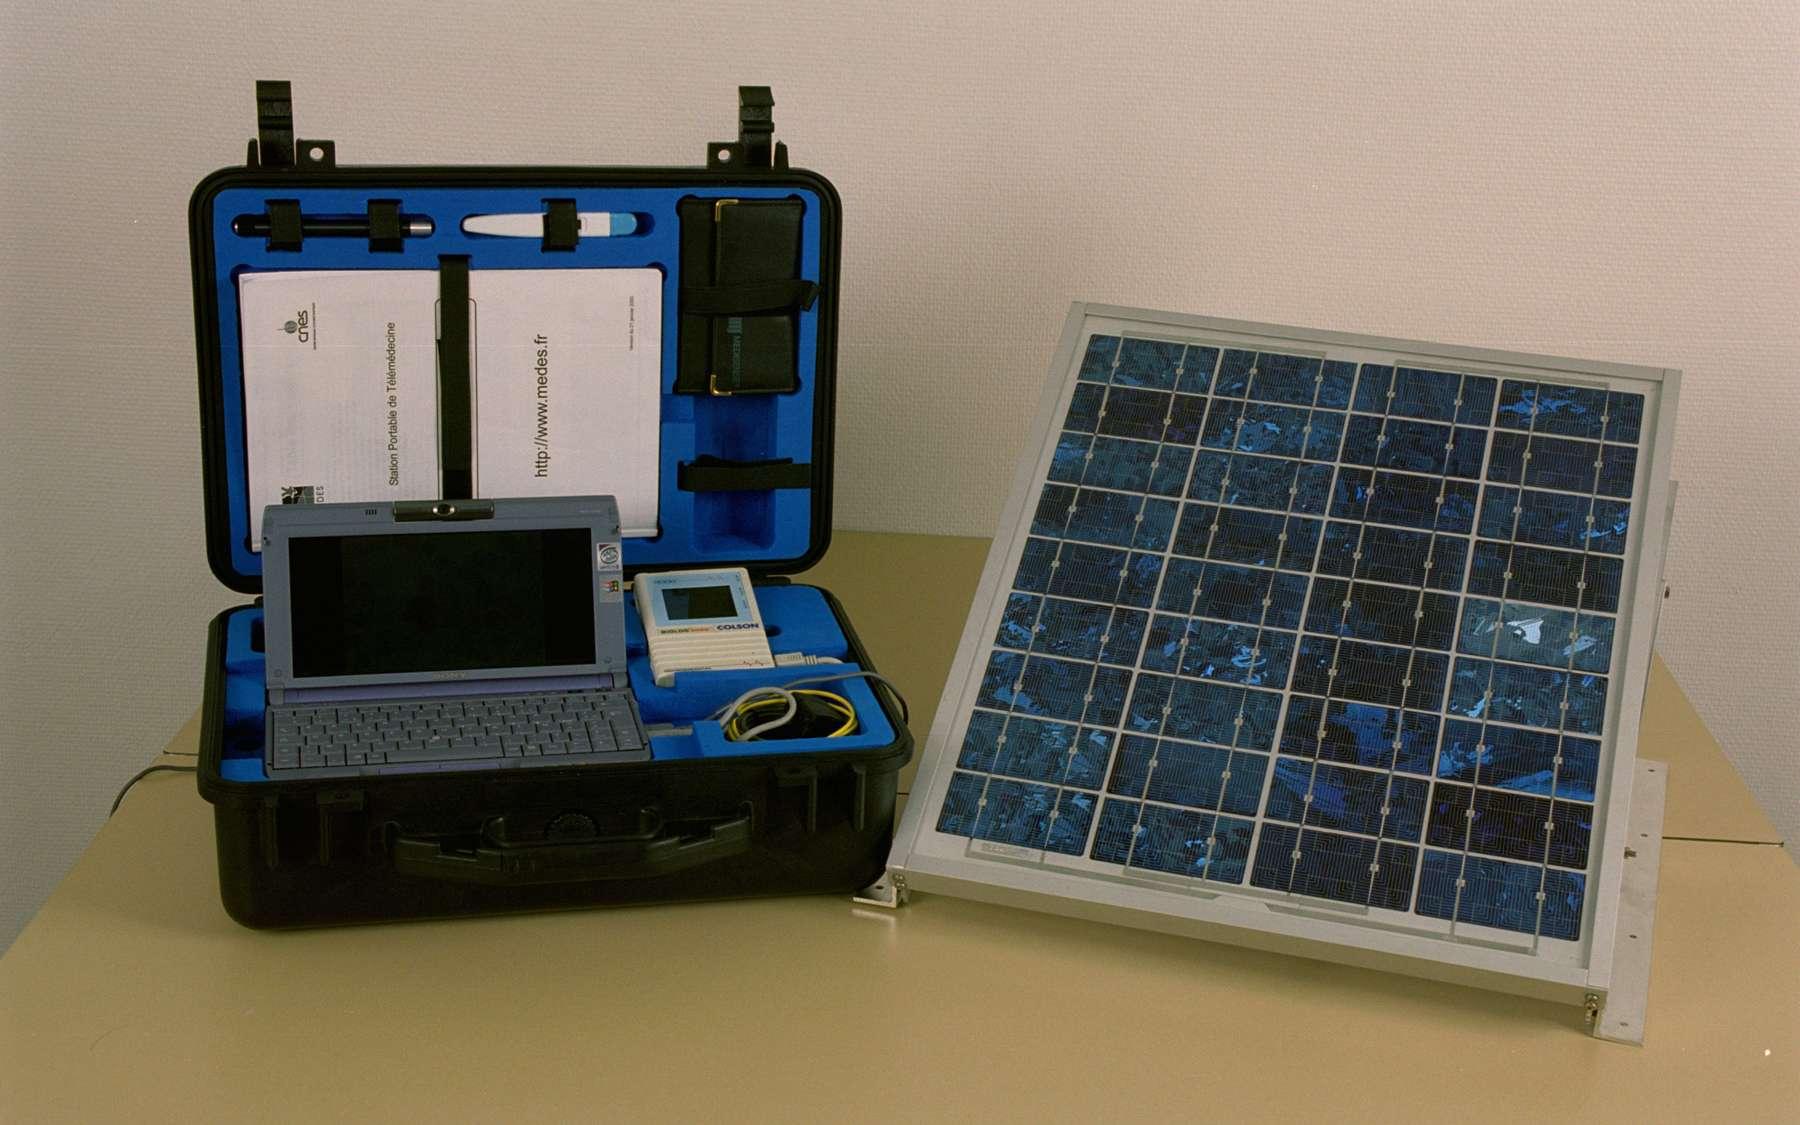 Cette valise de télémédecine ou station de téléassistance médicale permet le recueil et la transmission d'informations via satellite vers un centre d'expertise médicale. © Cnes/Anne-Laure Huet